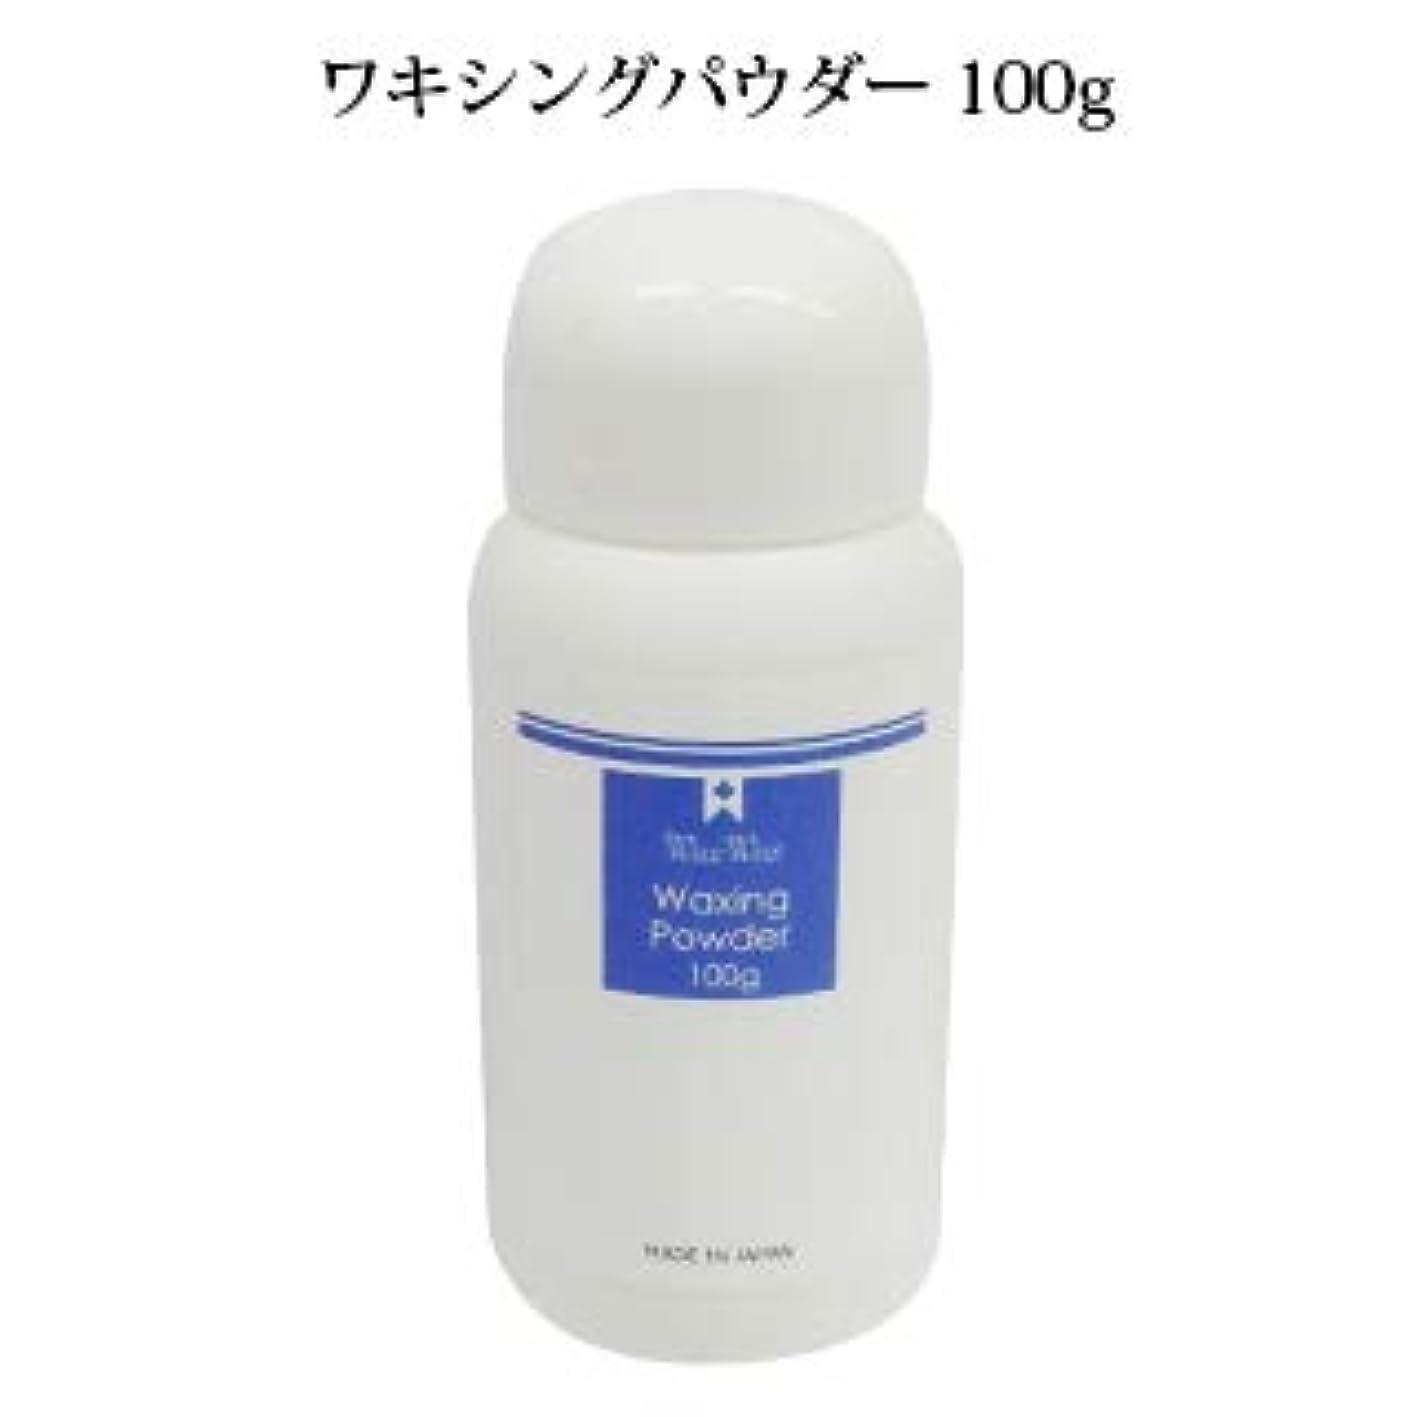 飢え現れる凶暴なWaxWax ワキシングパウダー 100g ~施術前処理~